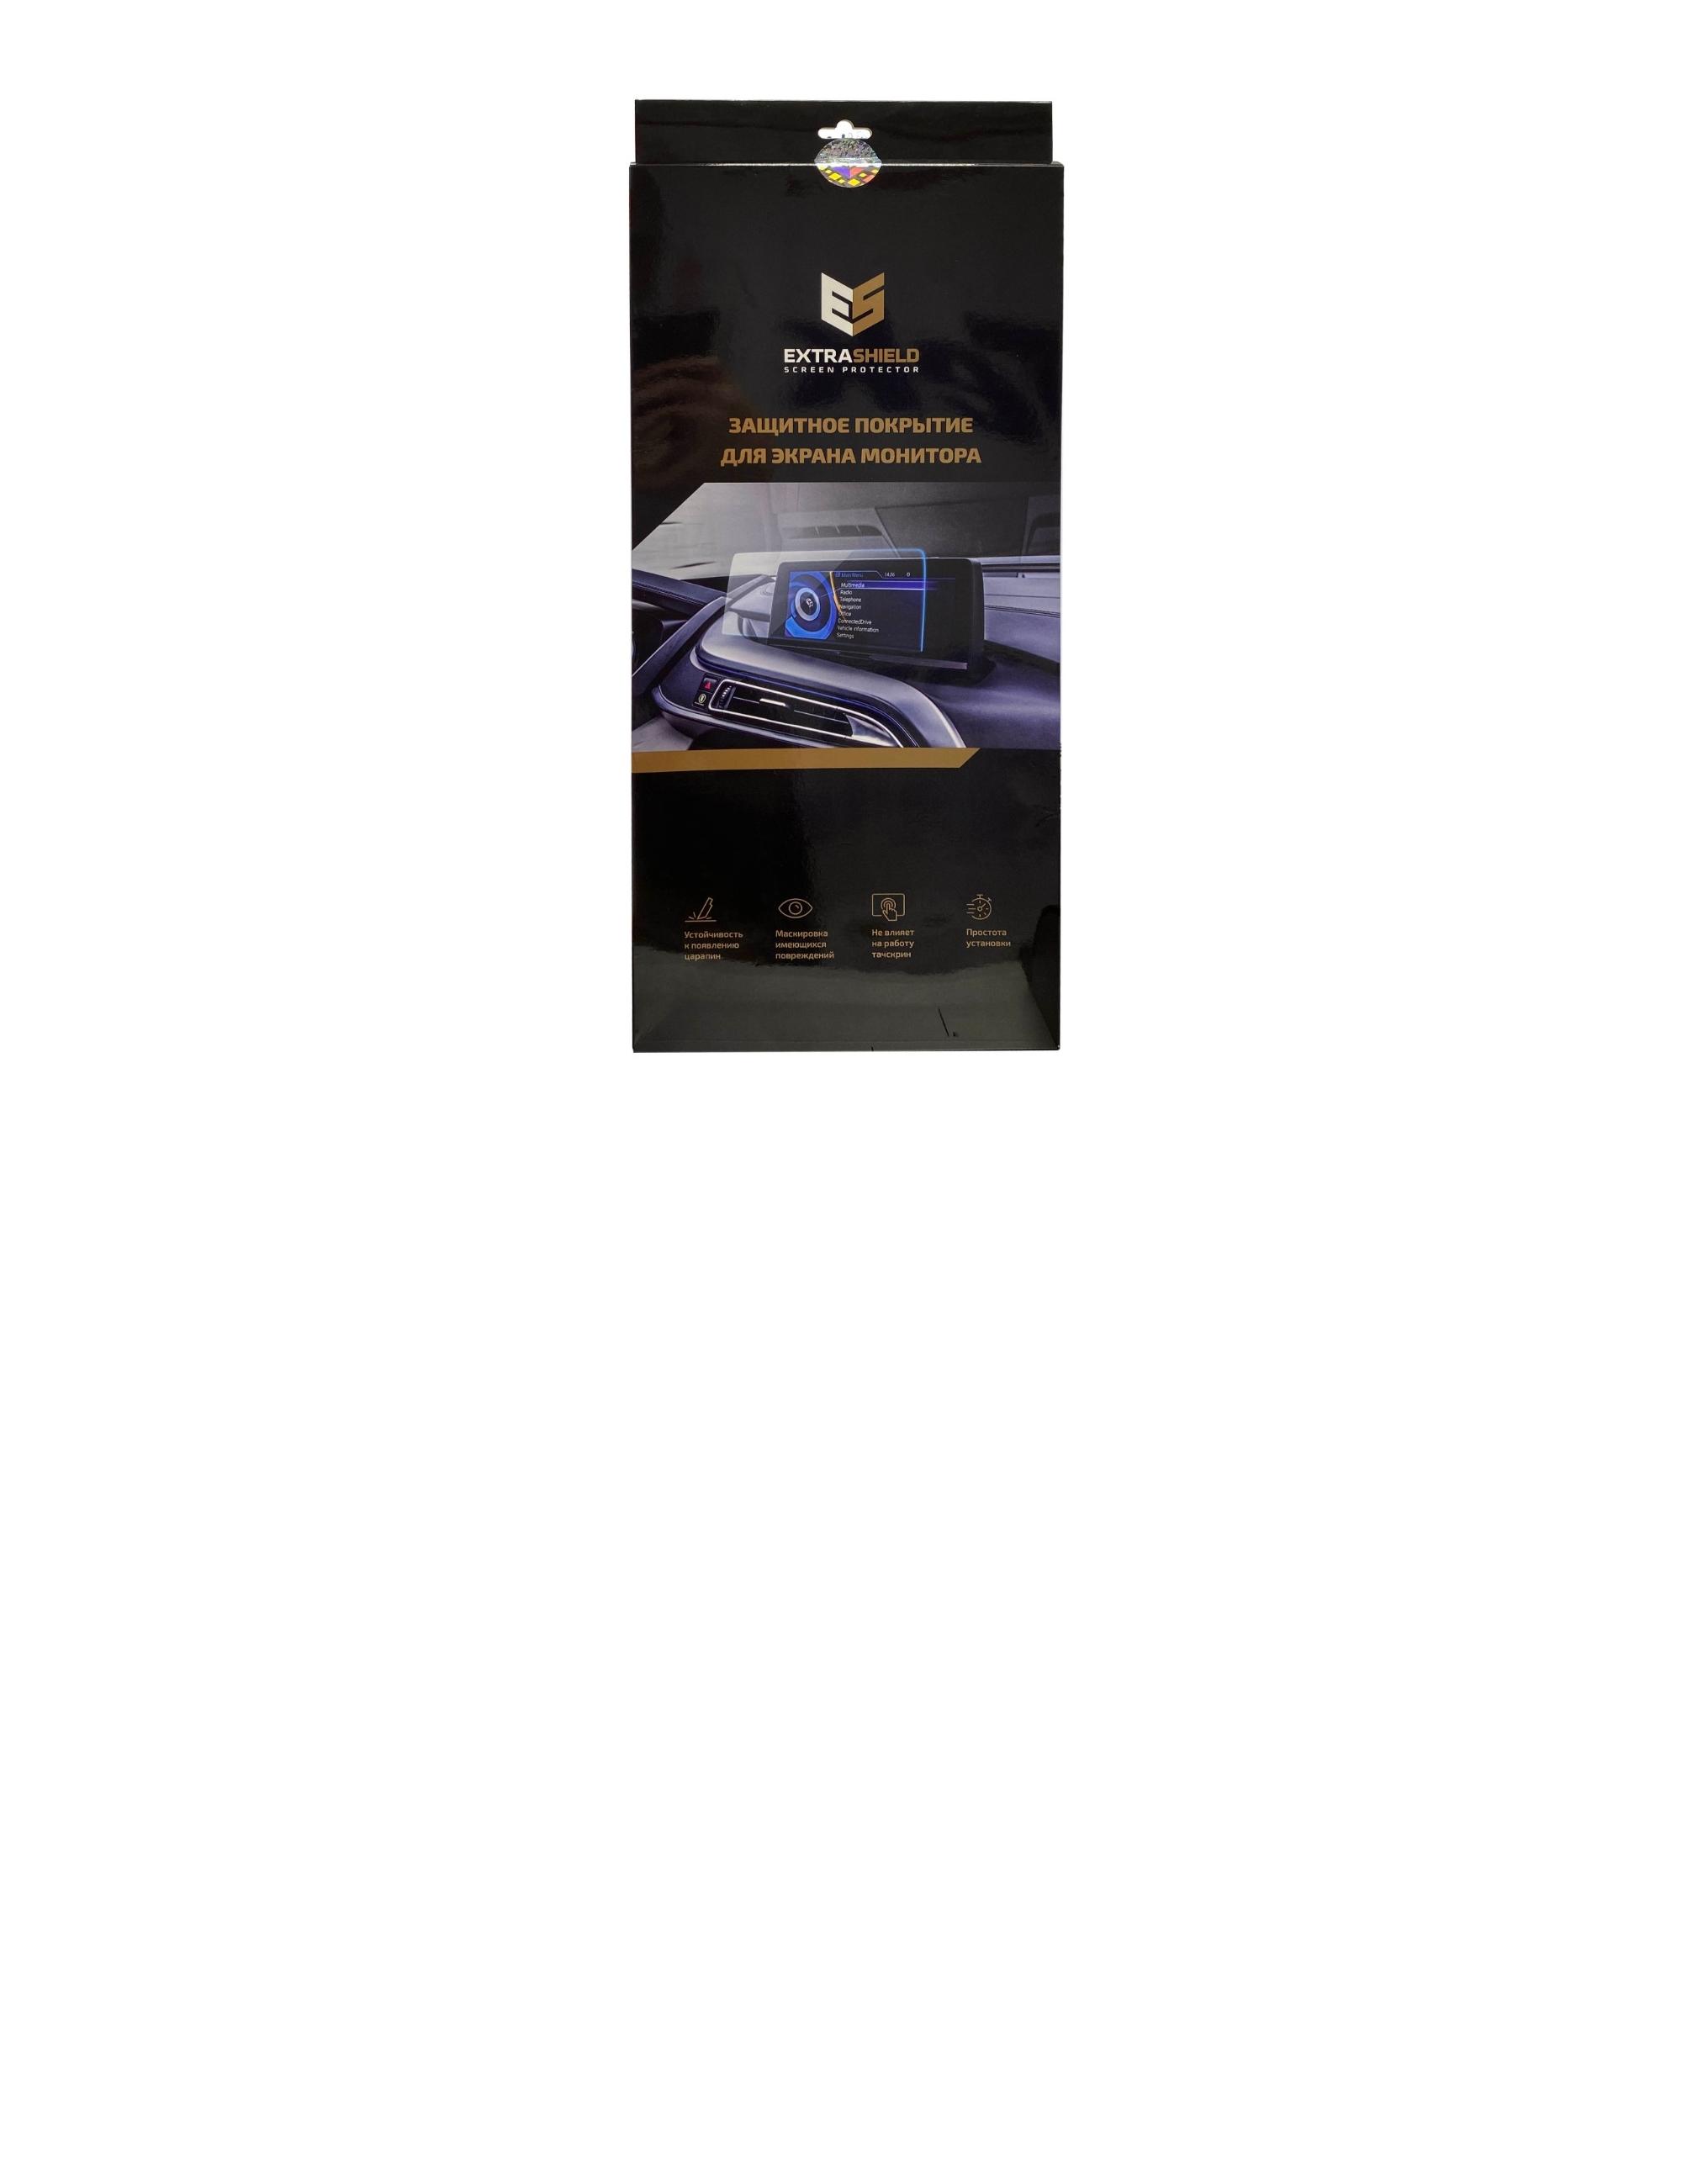 Land Rover Range Rover Sport 2013 - 2017 мультимедиа 10.2 Защитное стекло Глянец